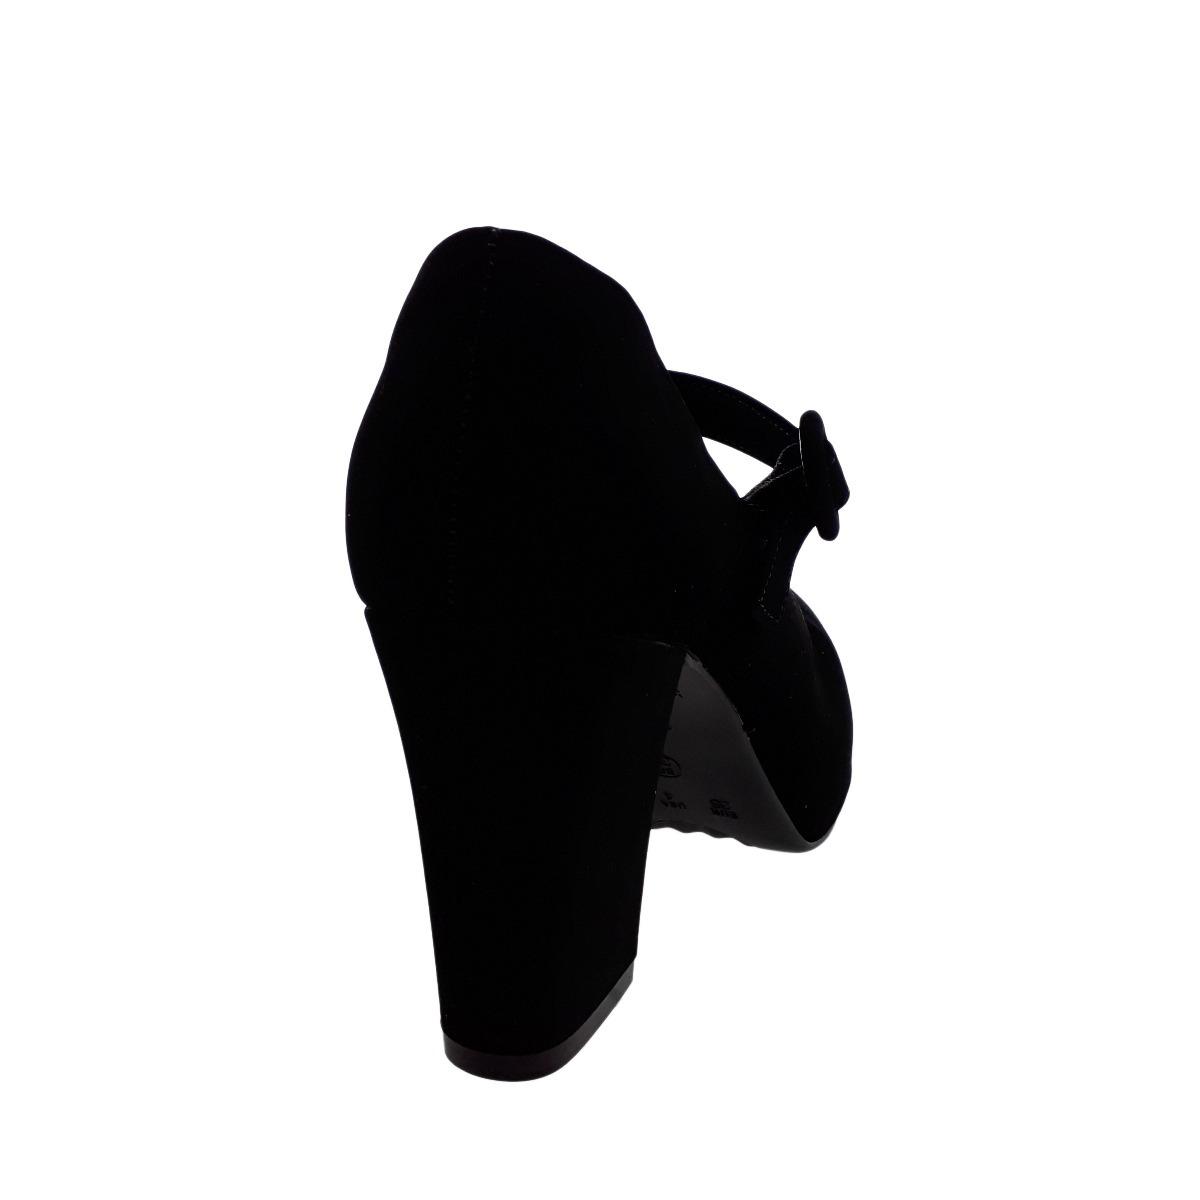 17c6f88c617e3 sapato boneca bebecê feminino salto 8 cm 6916-265 preto. Carregando zoom.